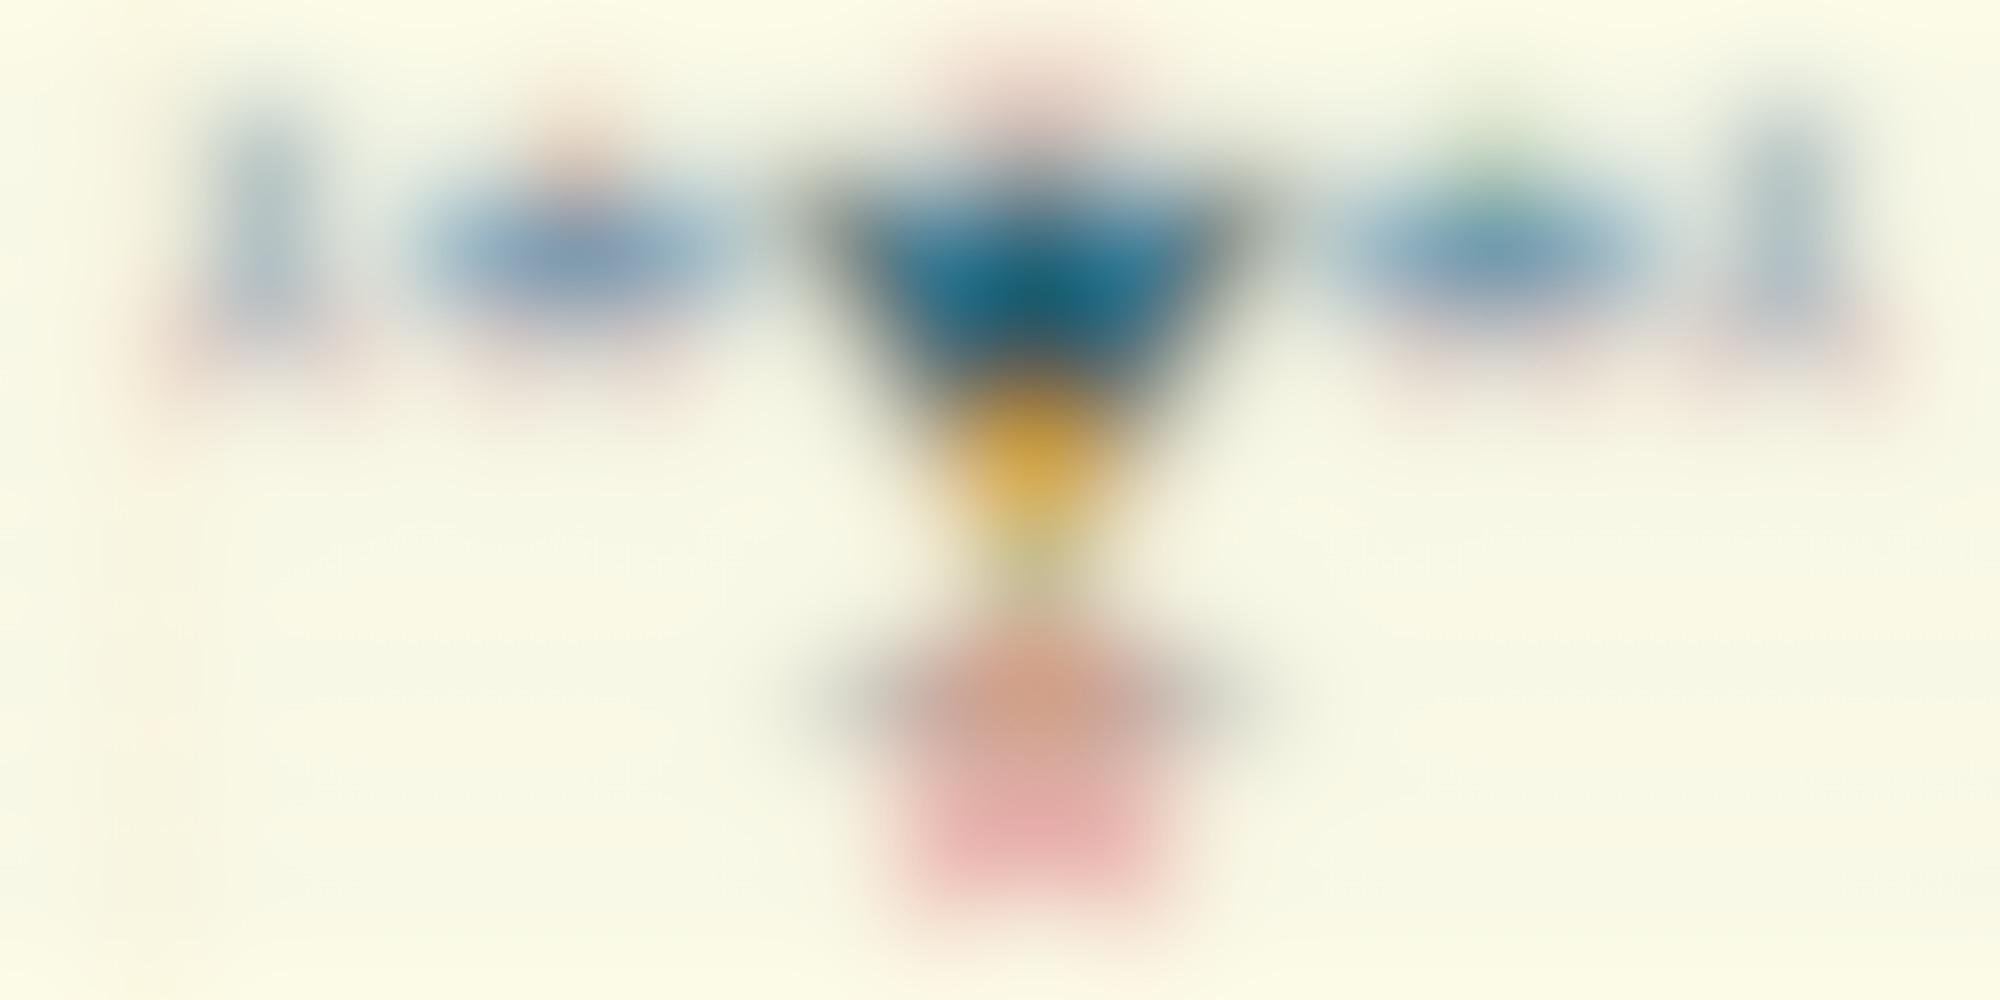 VAMPIRE RBTL autocompressfitresizeixlibphp 1 1 0max h2000max w3 D2000q80sb48324a297a3ee161b3e88d48b406760